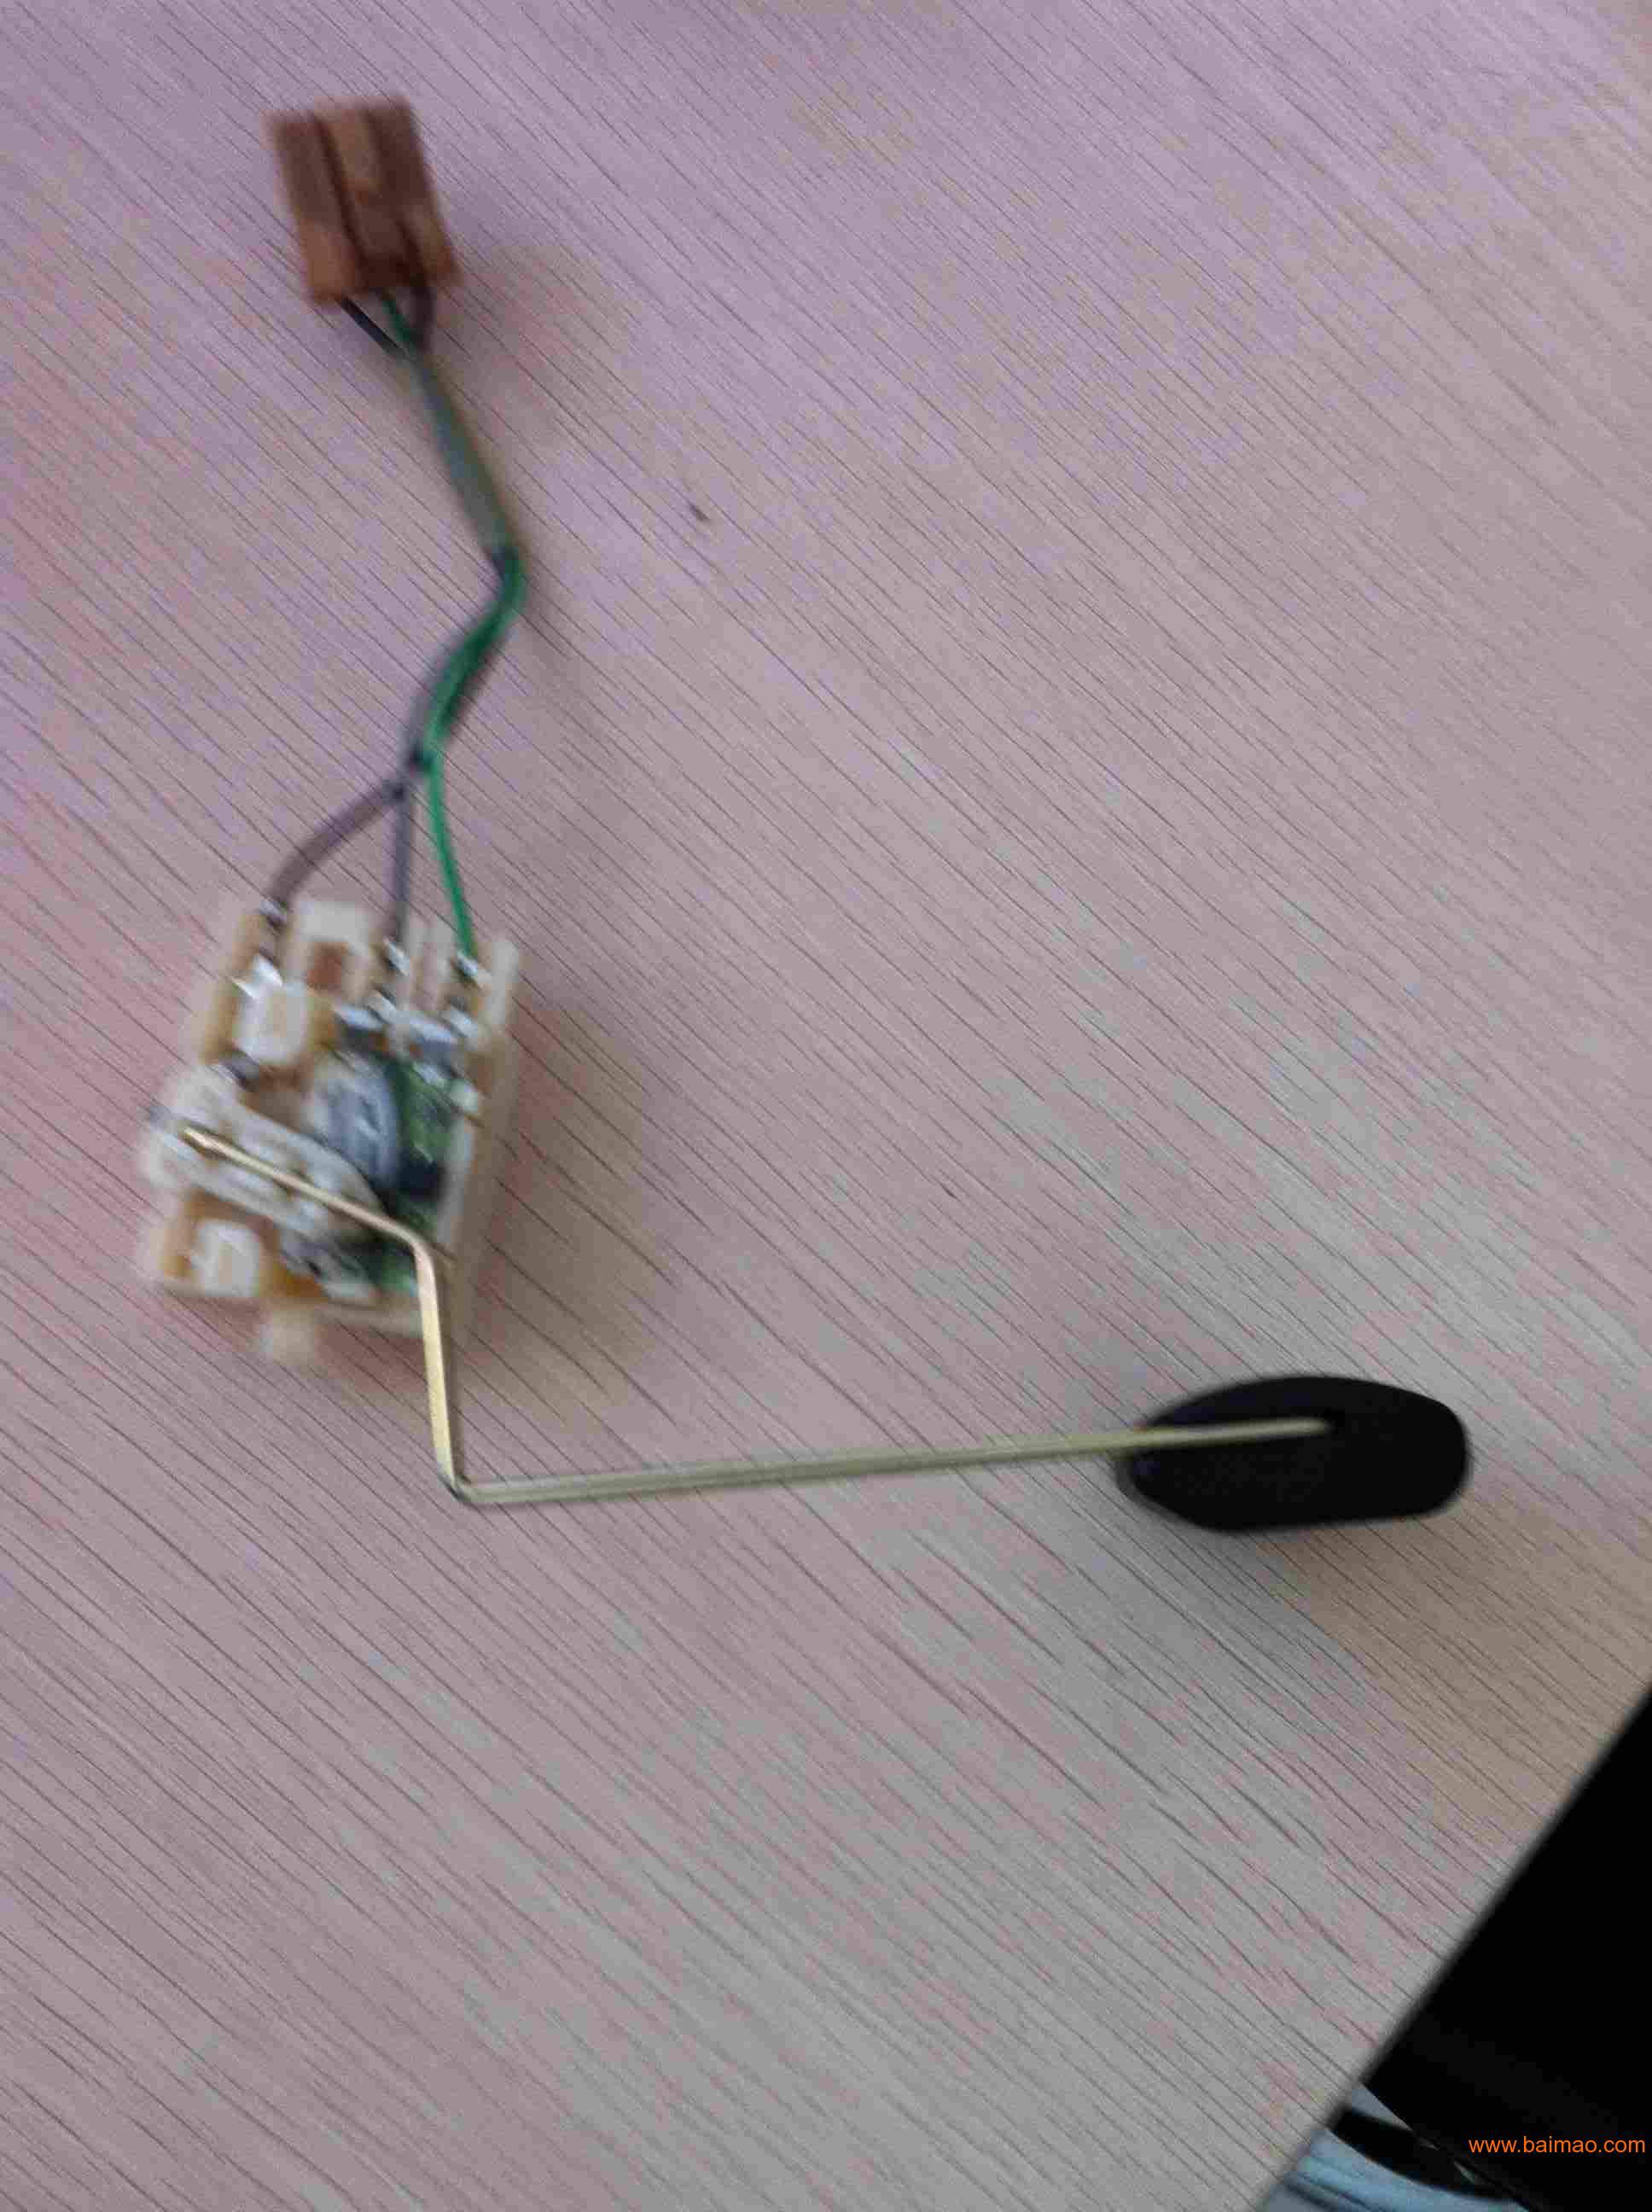 本田奥德赛汽车配件 助力泵、前后杠、灯具、中网